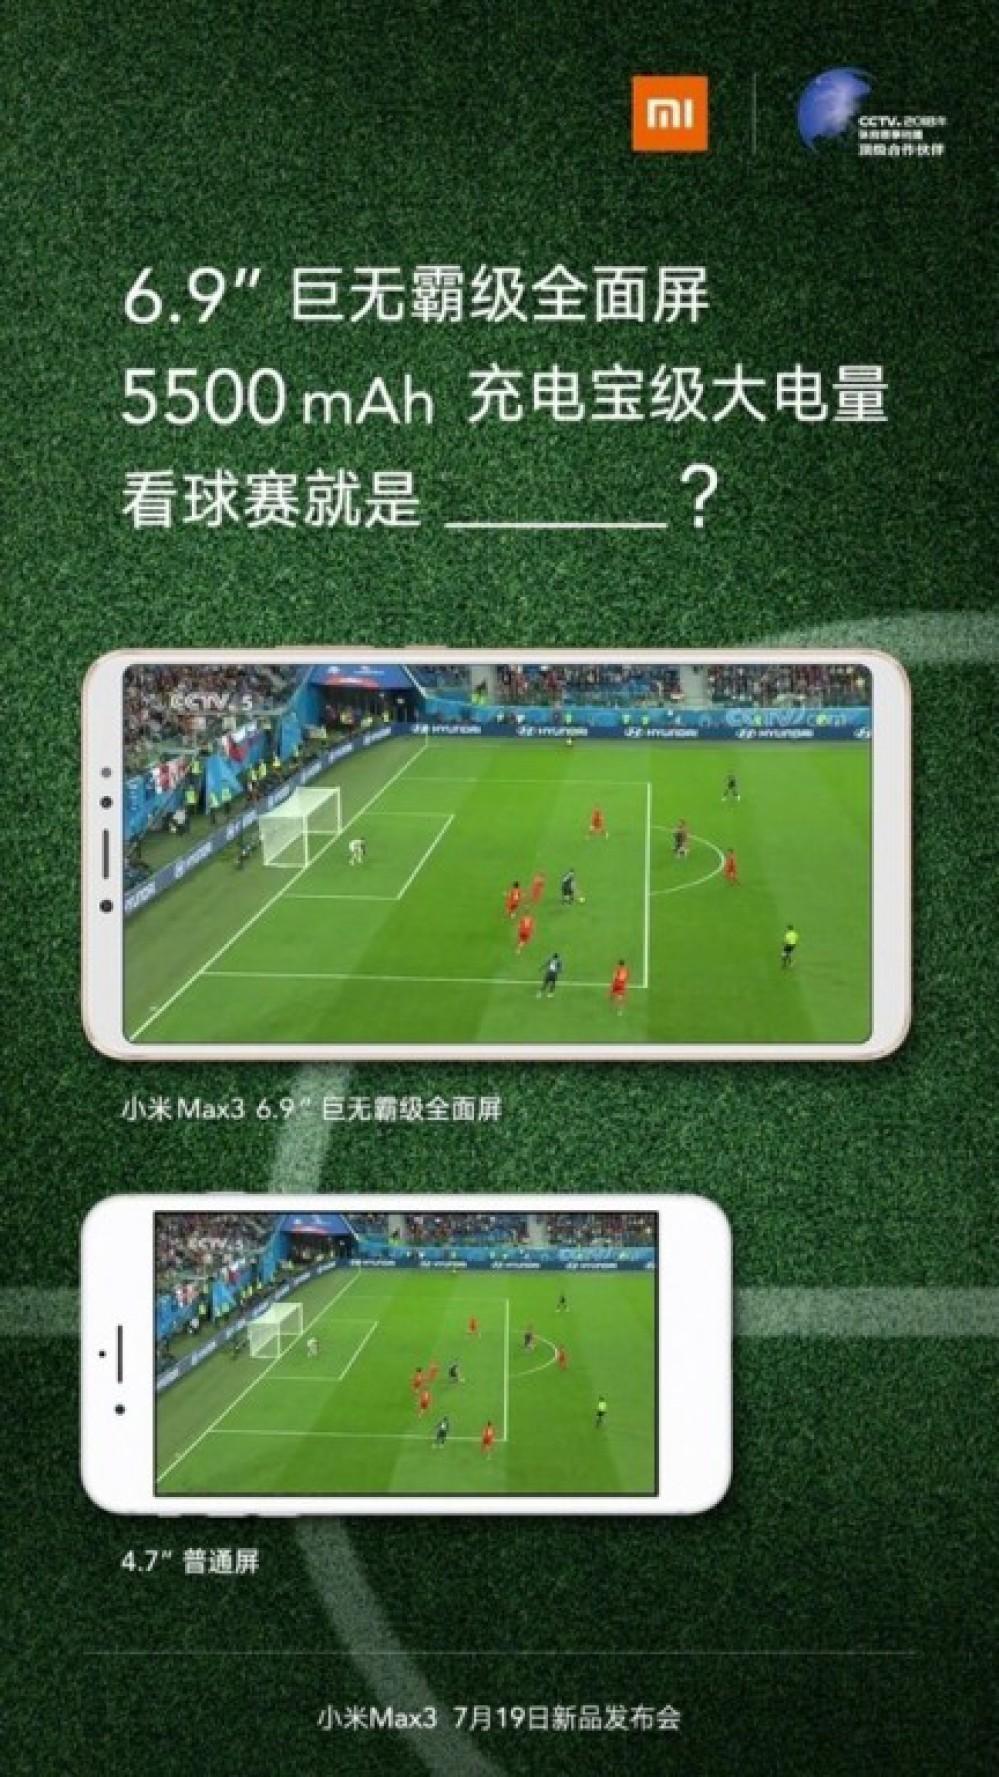 Xiaomi Mi Max 3: Επίσημη επιβεβαίωση για την οθόνη και τη μπαταρία